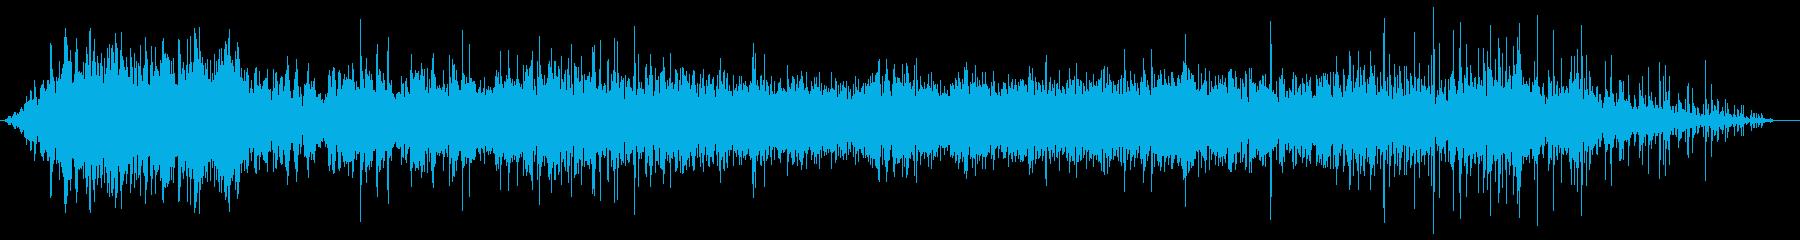 ブオ〜ン(機械音)バシャバシャ(水の音)の再生済みの波形